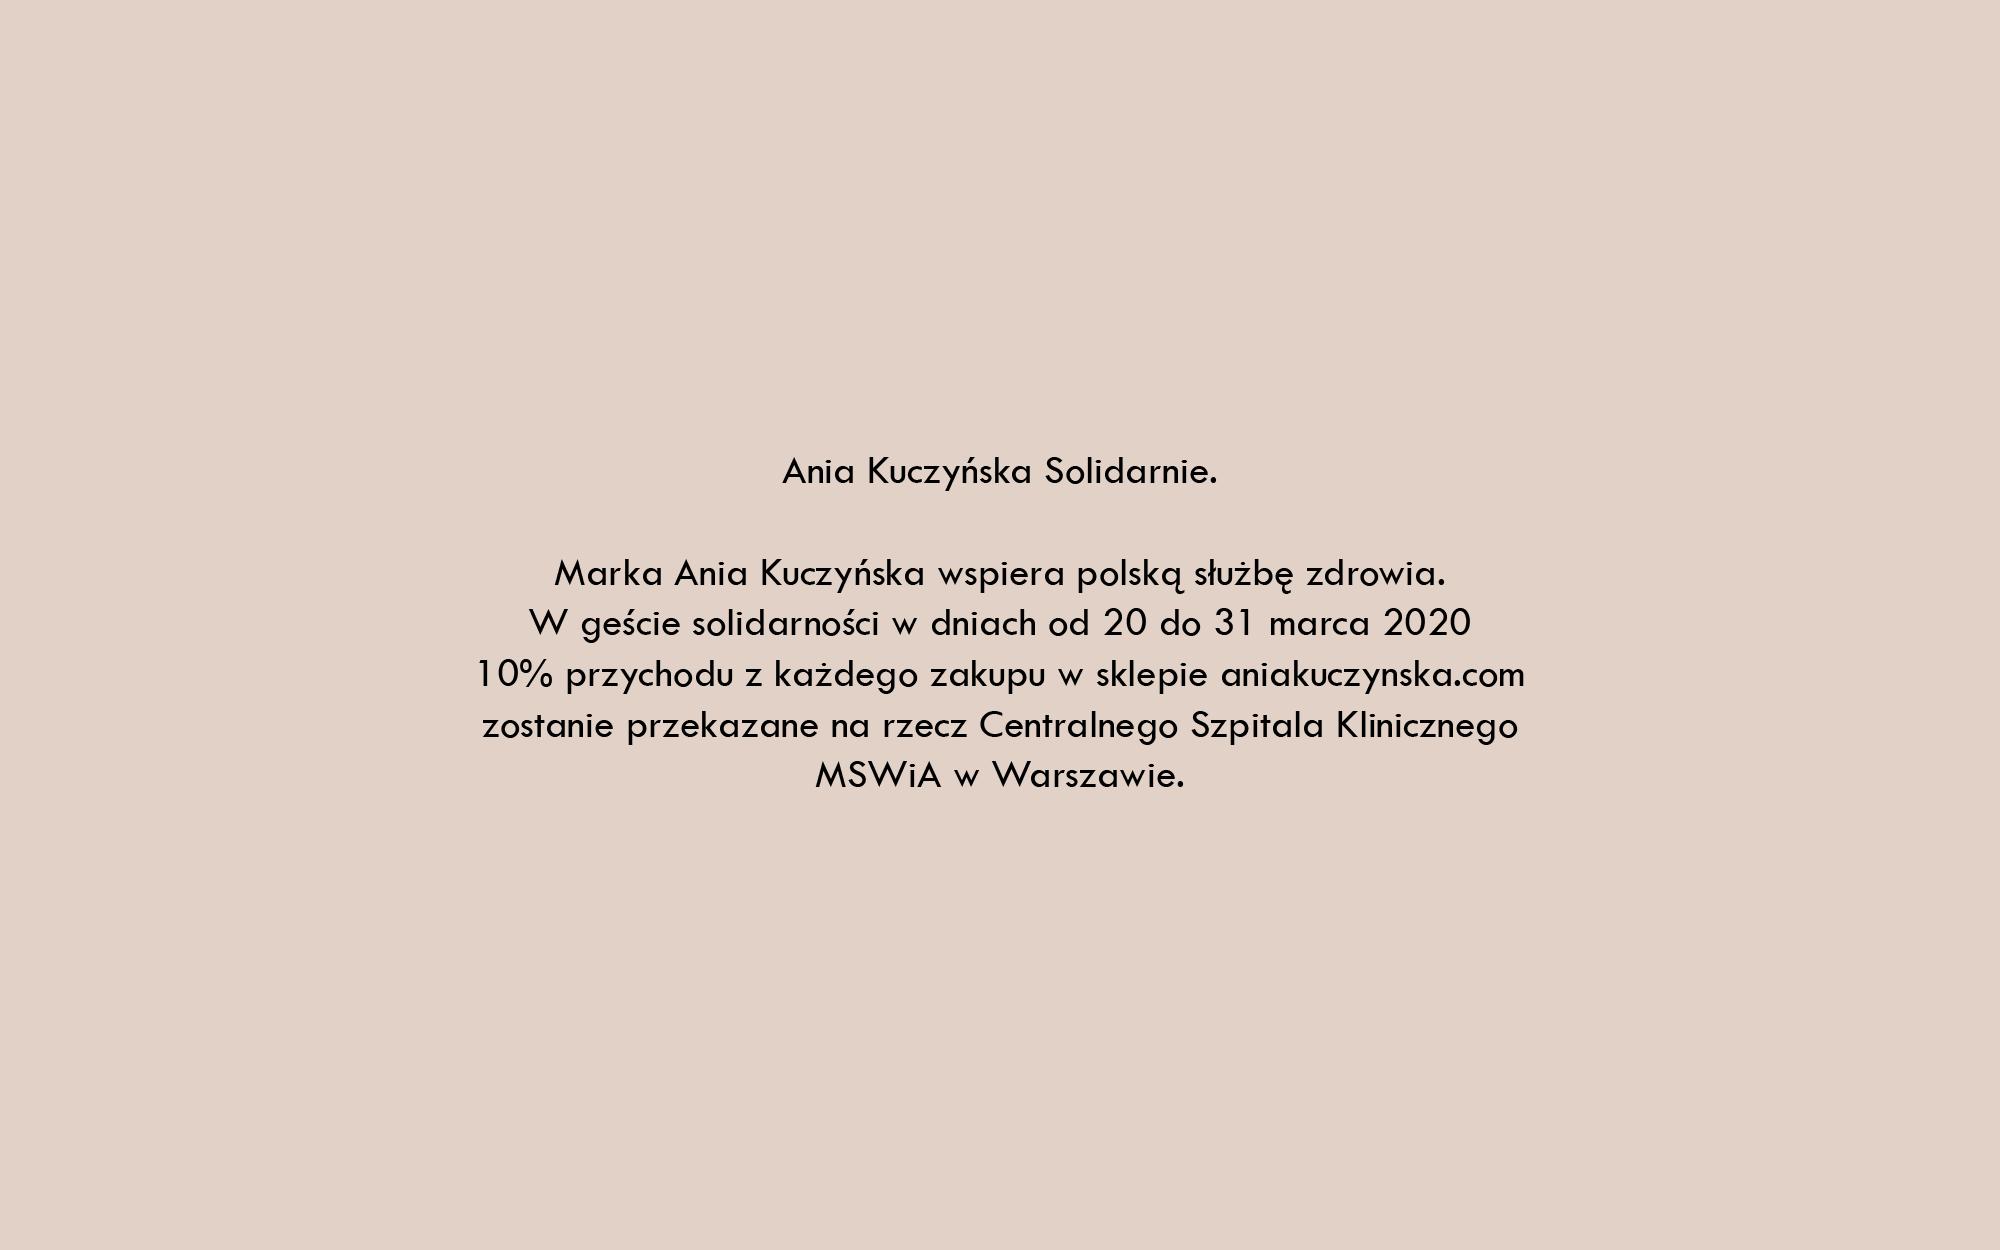 Ania Kuczyńska Solidarnie